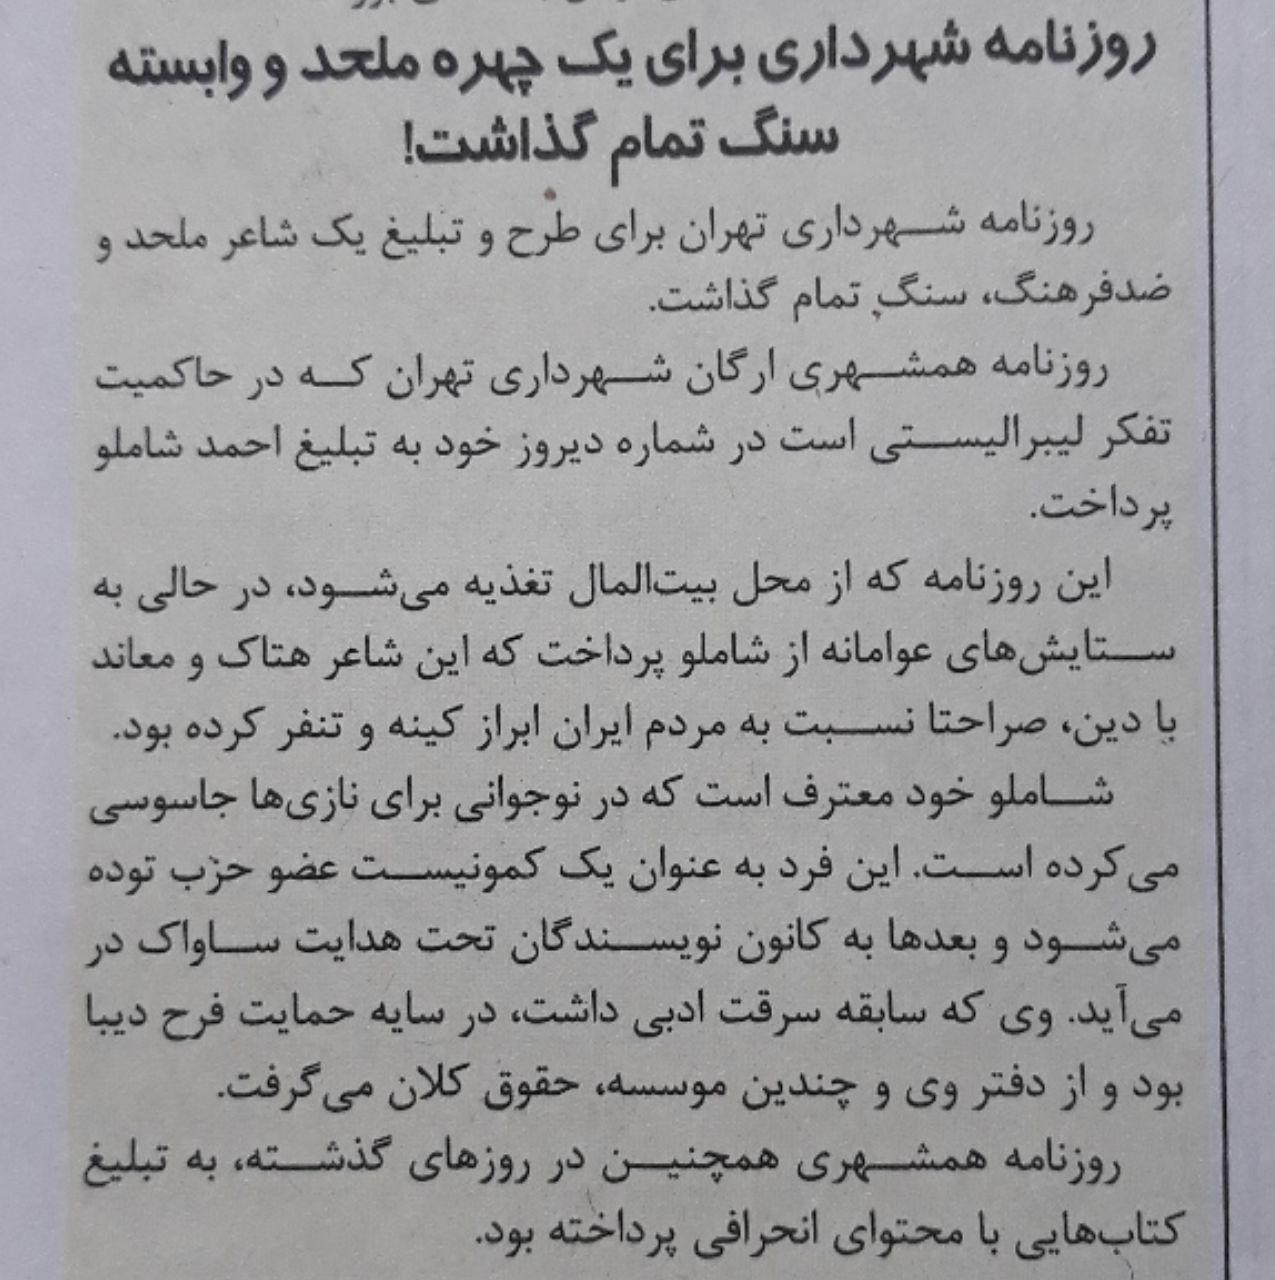 کیهان: شاملو شاعر ملحد، ضدفرهنگ، هتاک و معاند با دین است/ همشهری به ستایشهای عوامانه از شاملو پرداخت